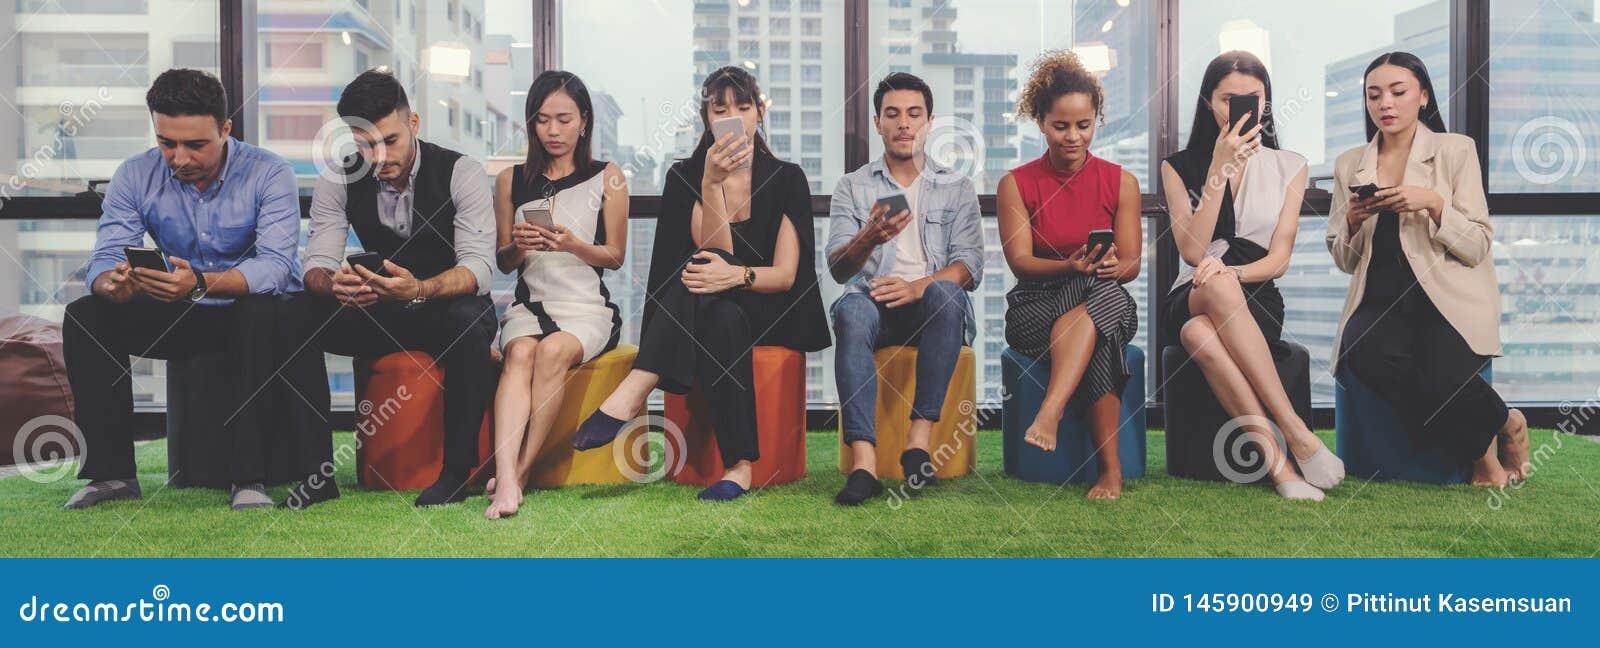 Collagebegrepp av olikt lyckligt folk i tillfällig stil och olik ålderinnehavmobiltelefon som kontrollerar och använder budbärare